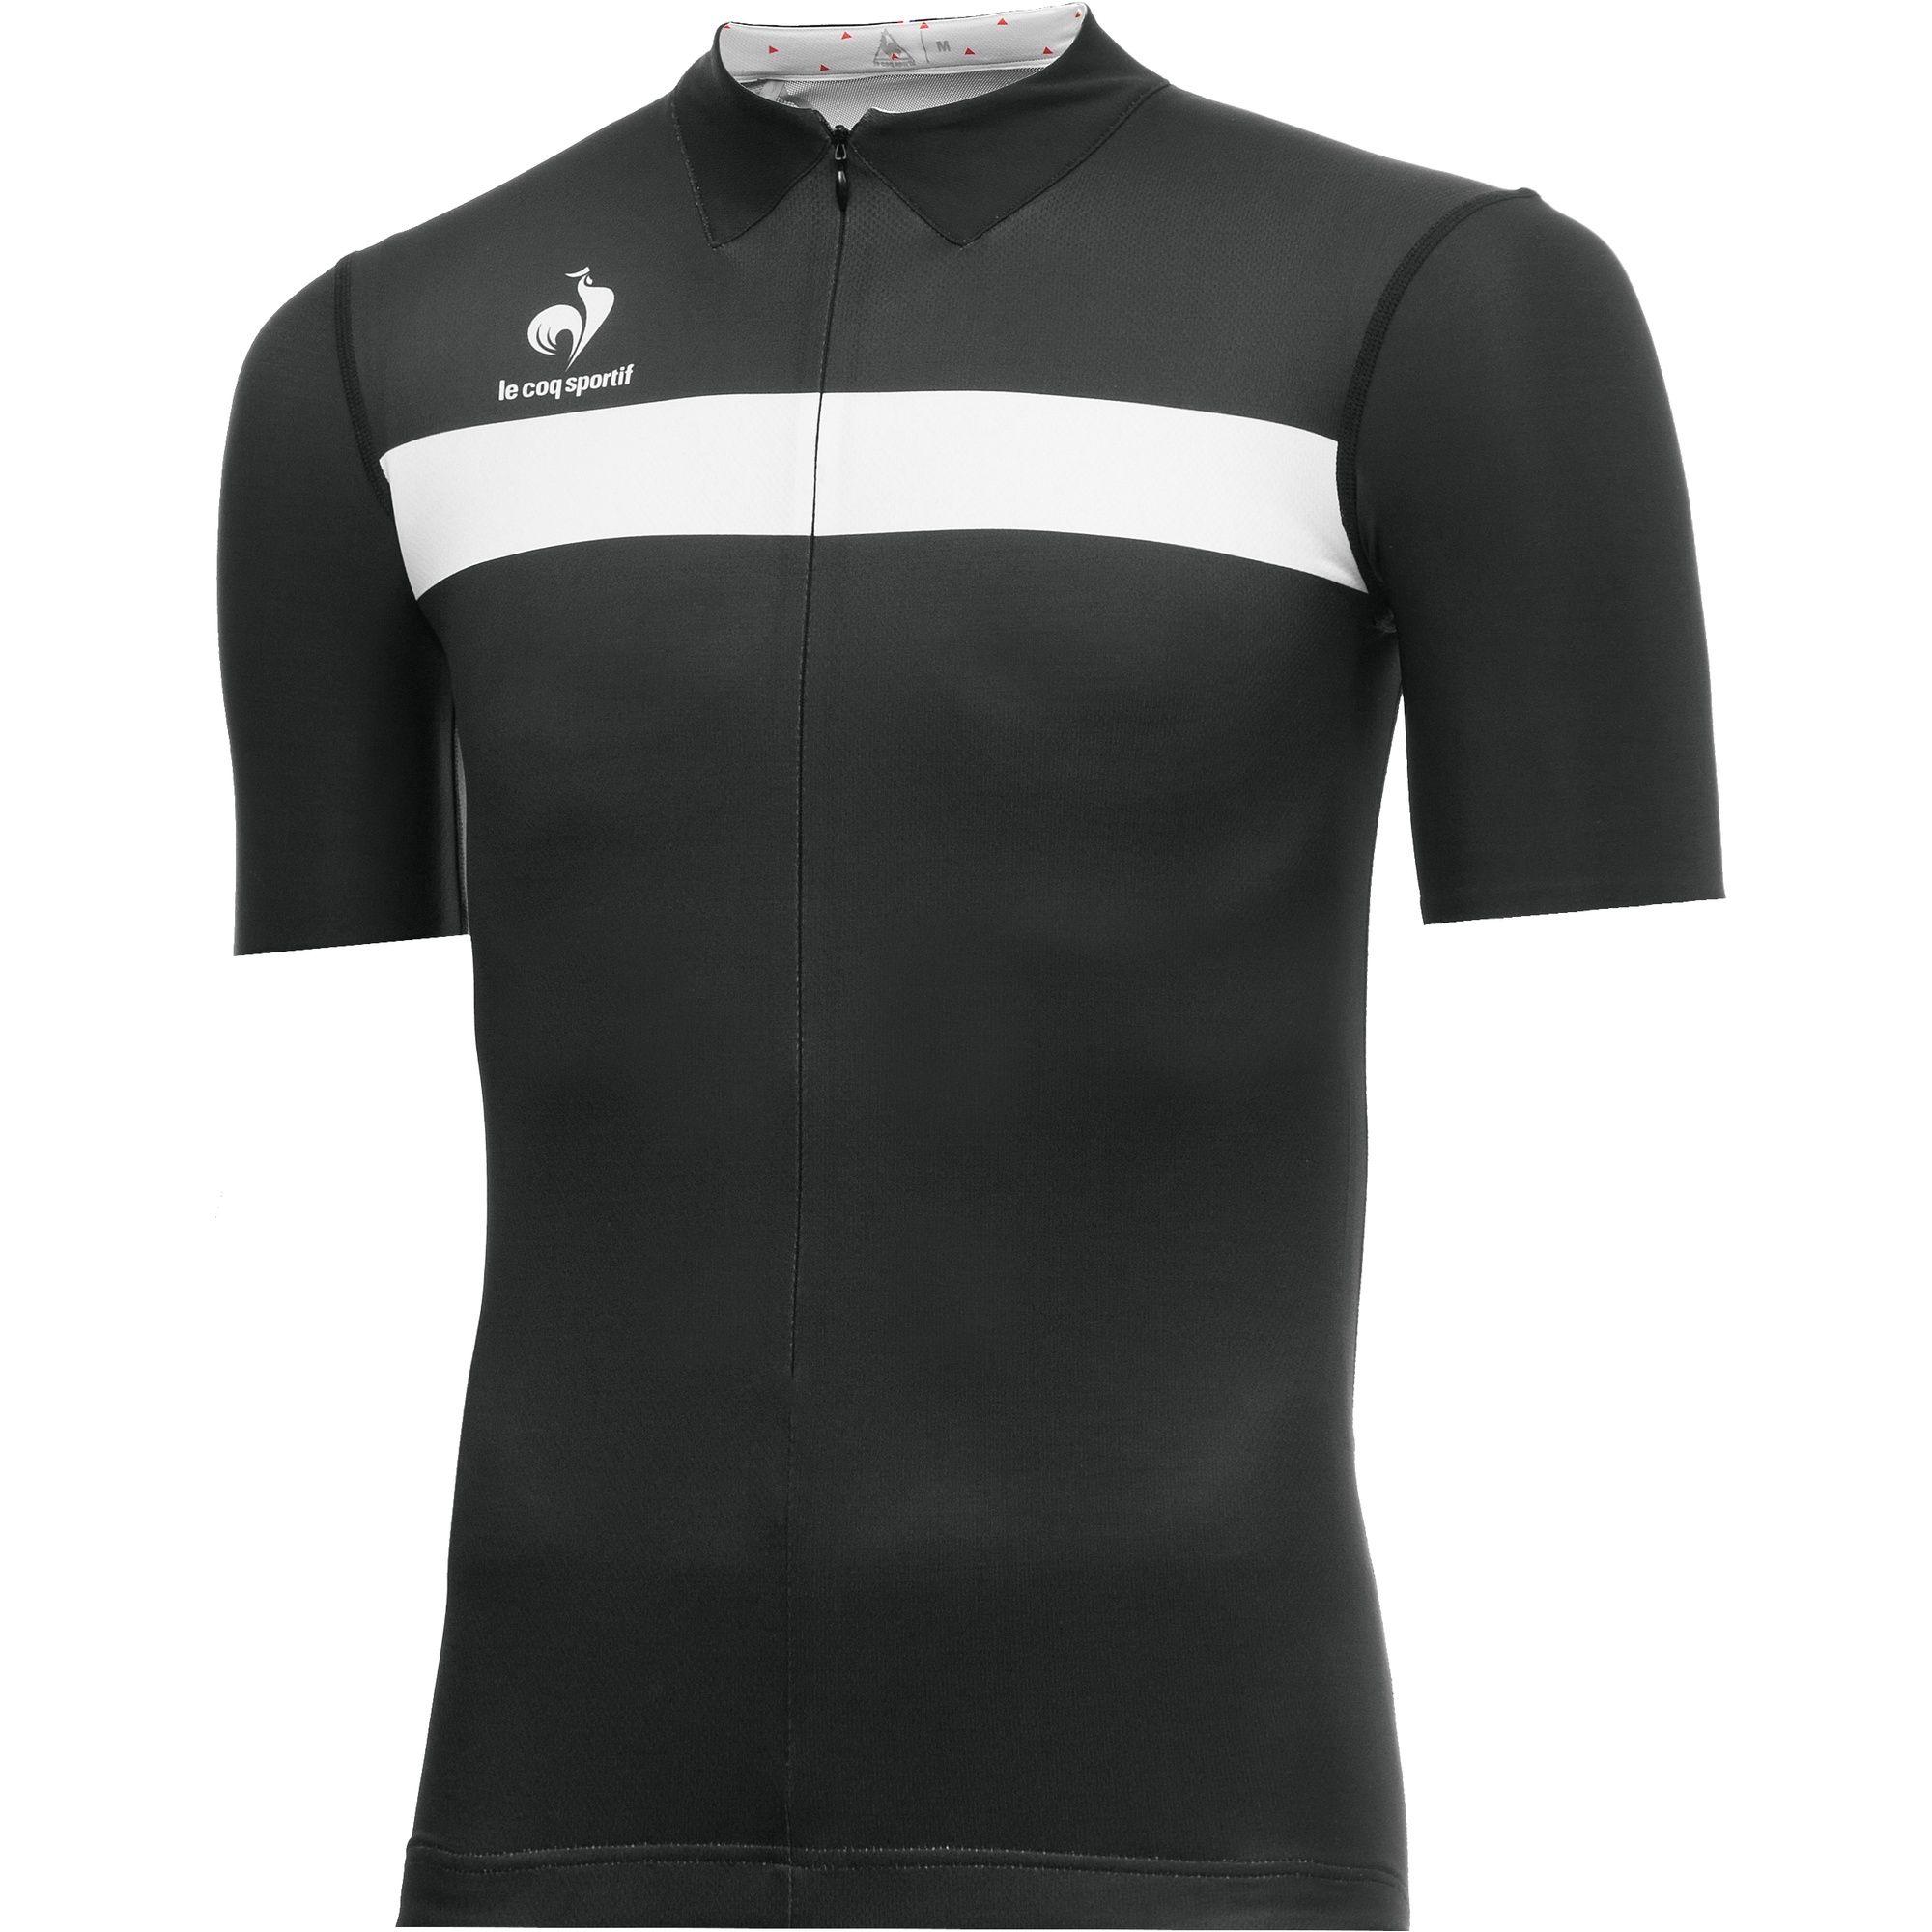 10ad98039 Arac Jersey - le coq sportif